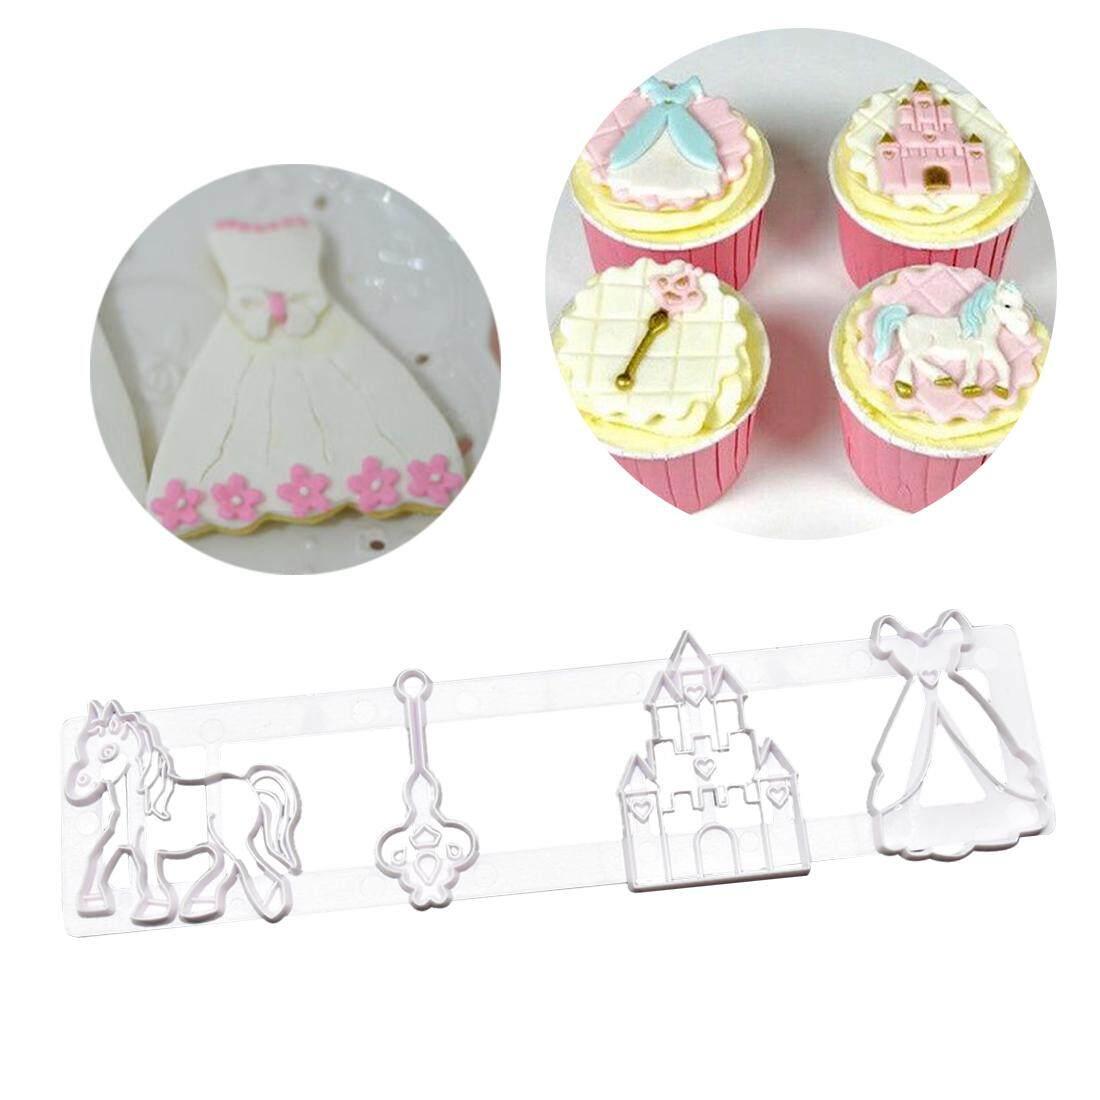 ... 3D Dekorasi Kunci Kuda Bentuk Istana Cokelat Pesta DIY Alat Cetakan Kue Memasak Kue Dekorasi Alat ...